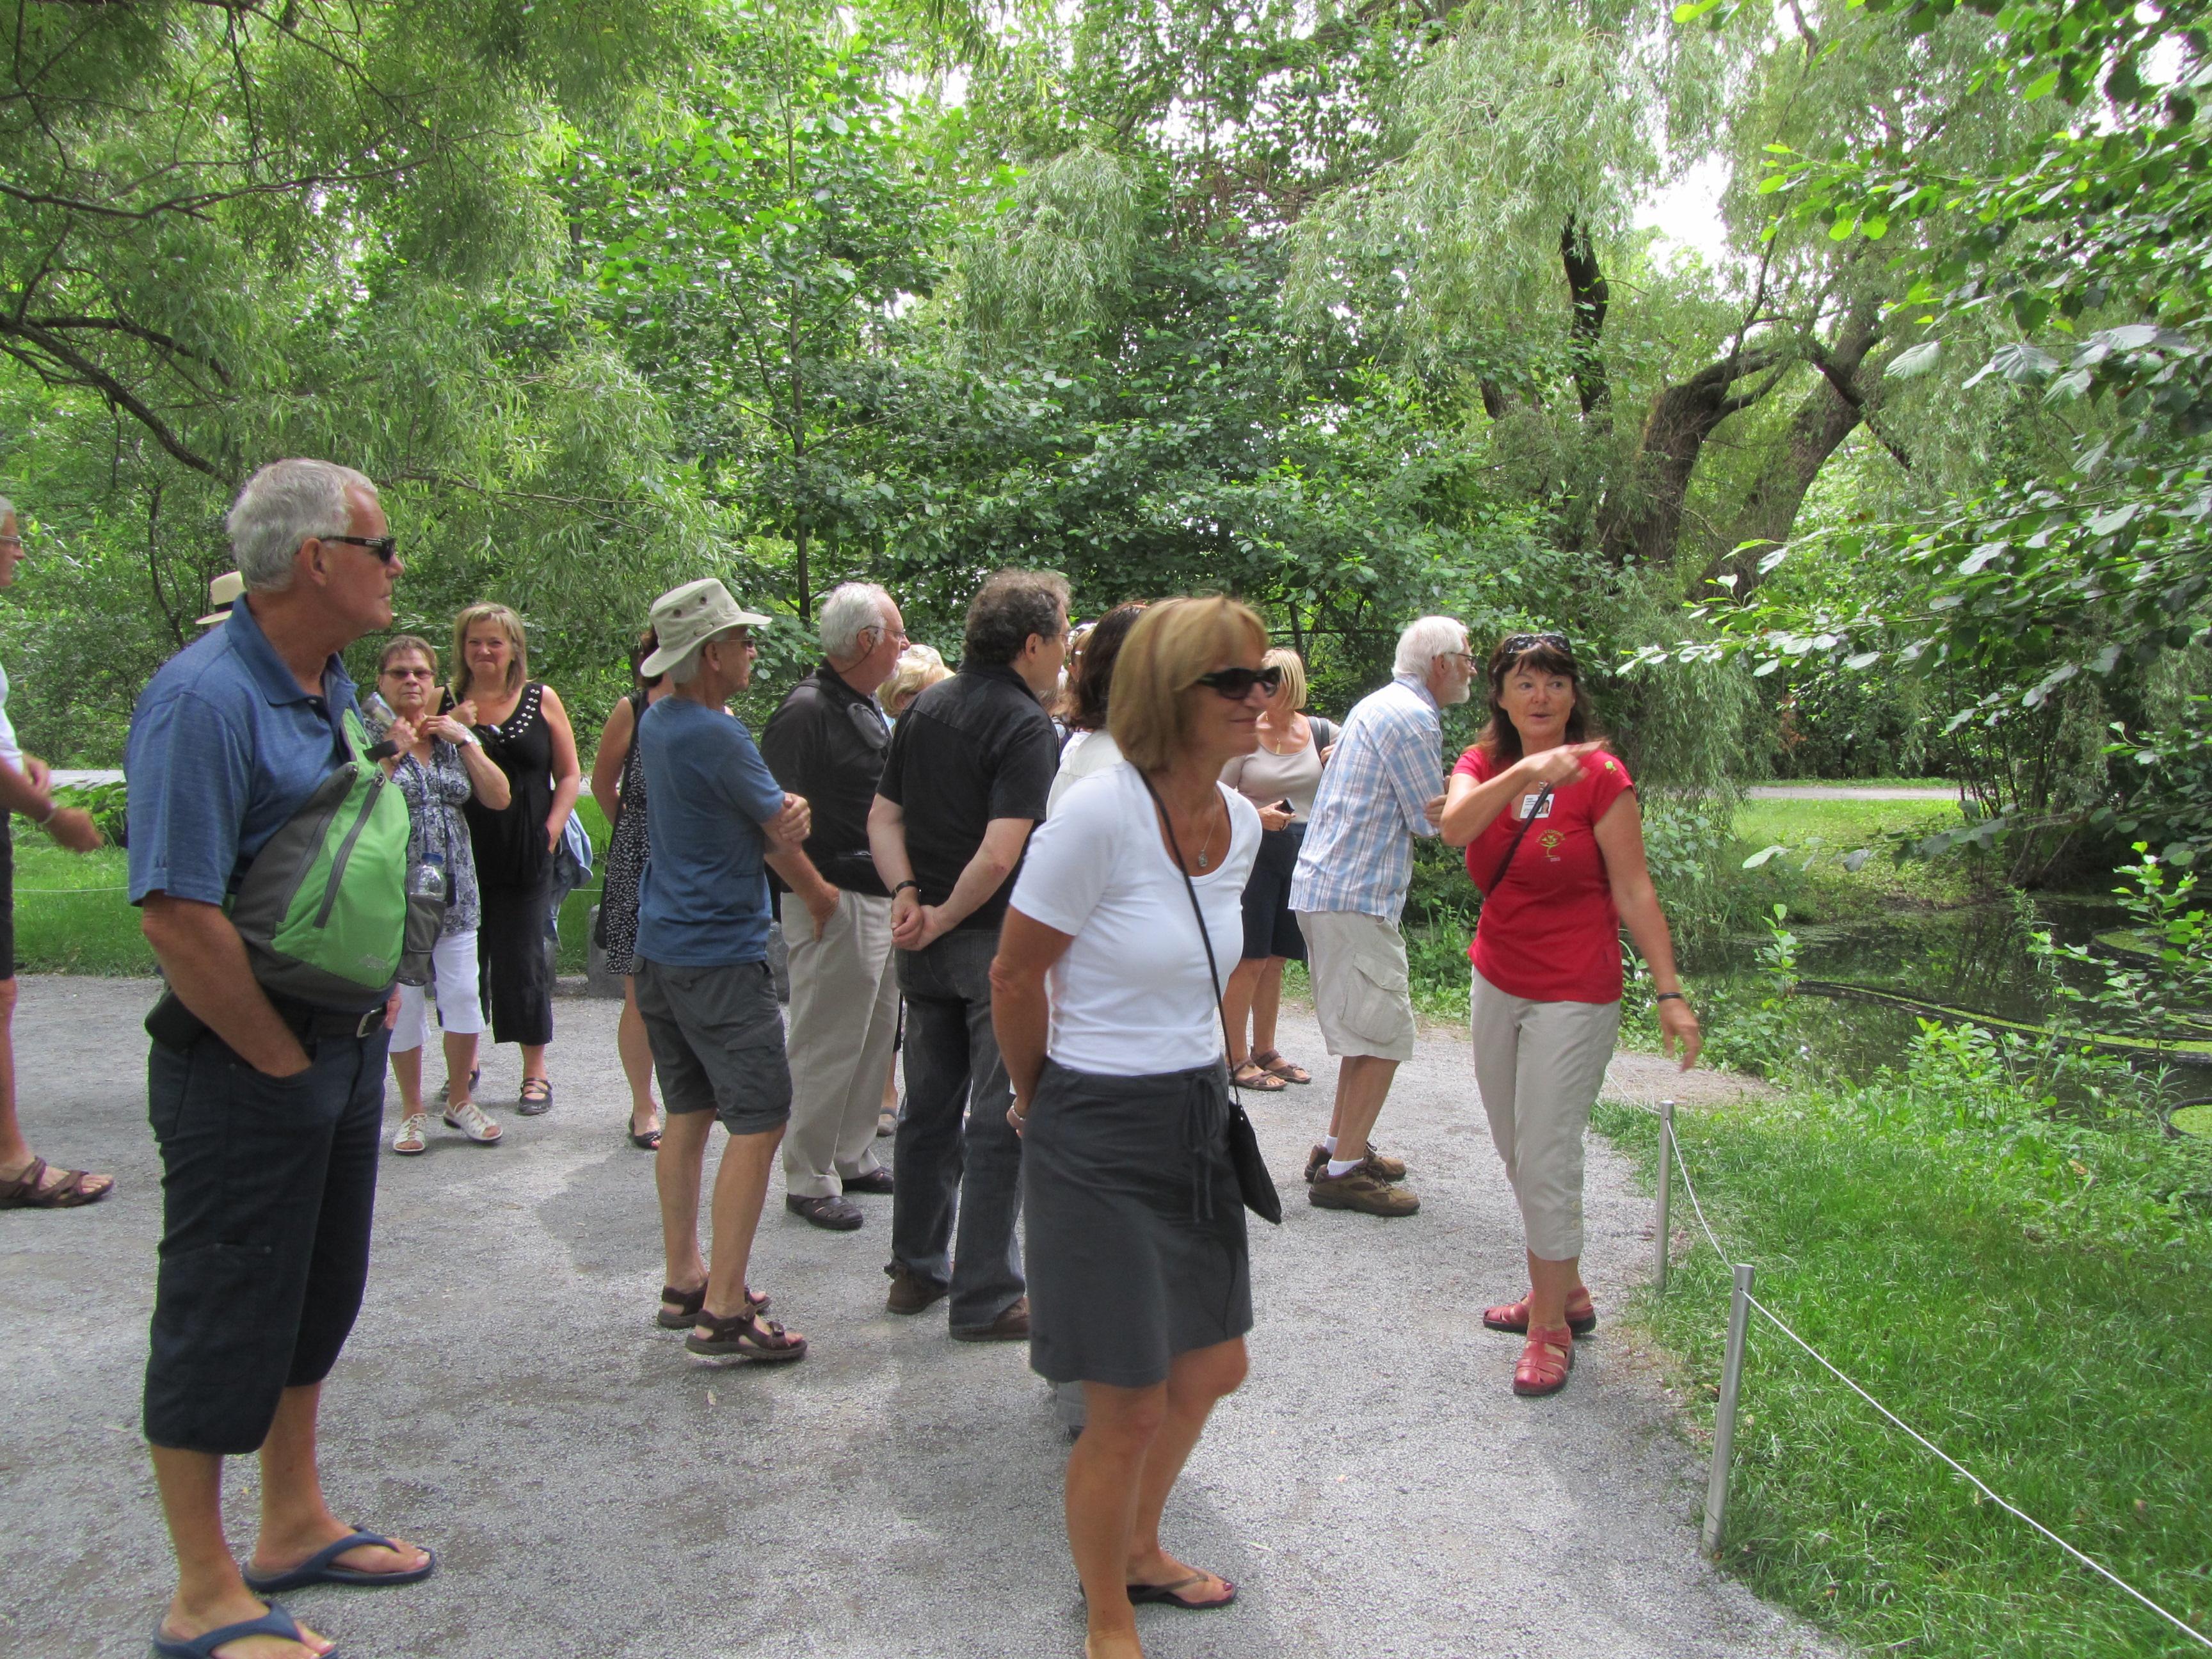 Les guides b n voles une richesse au jardin botanique for Planificateur jardin